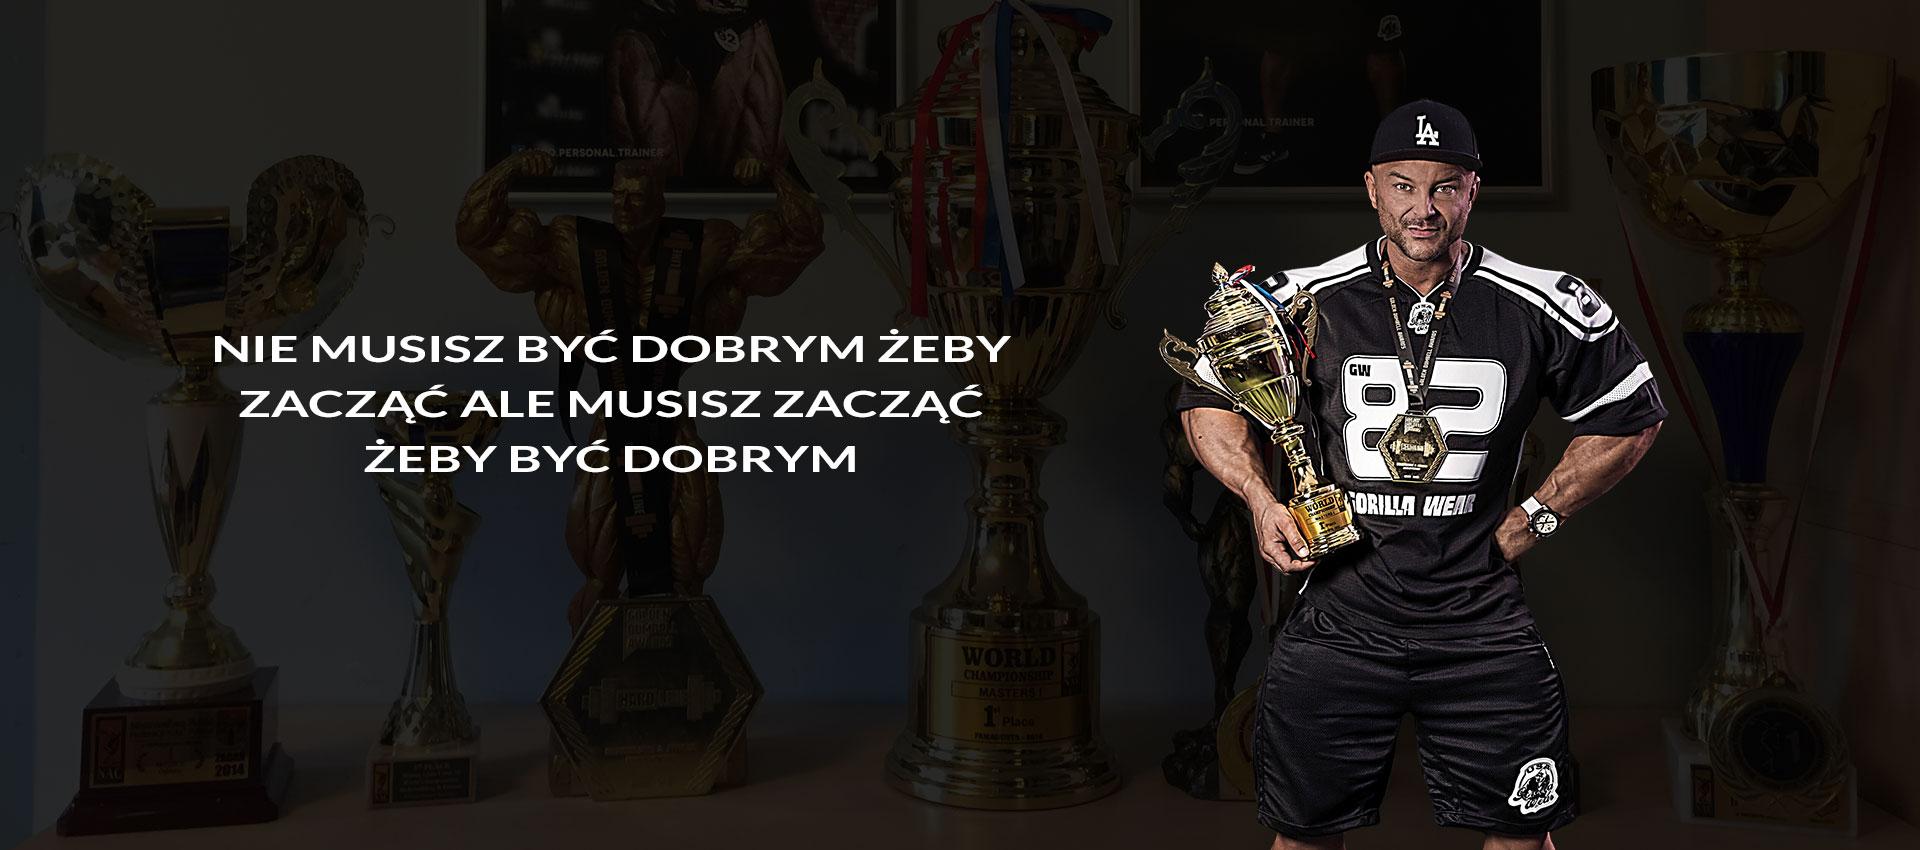 Mirosław